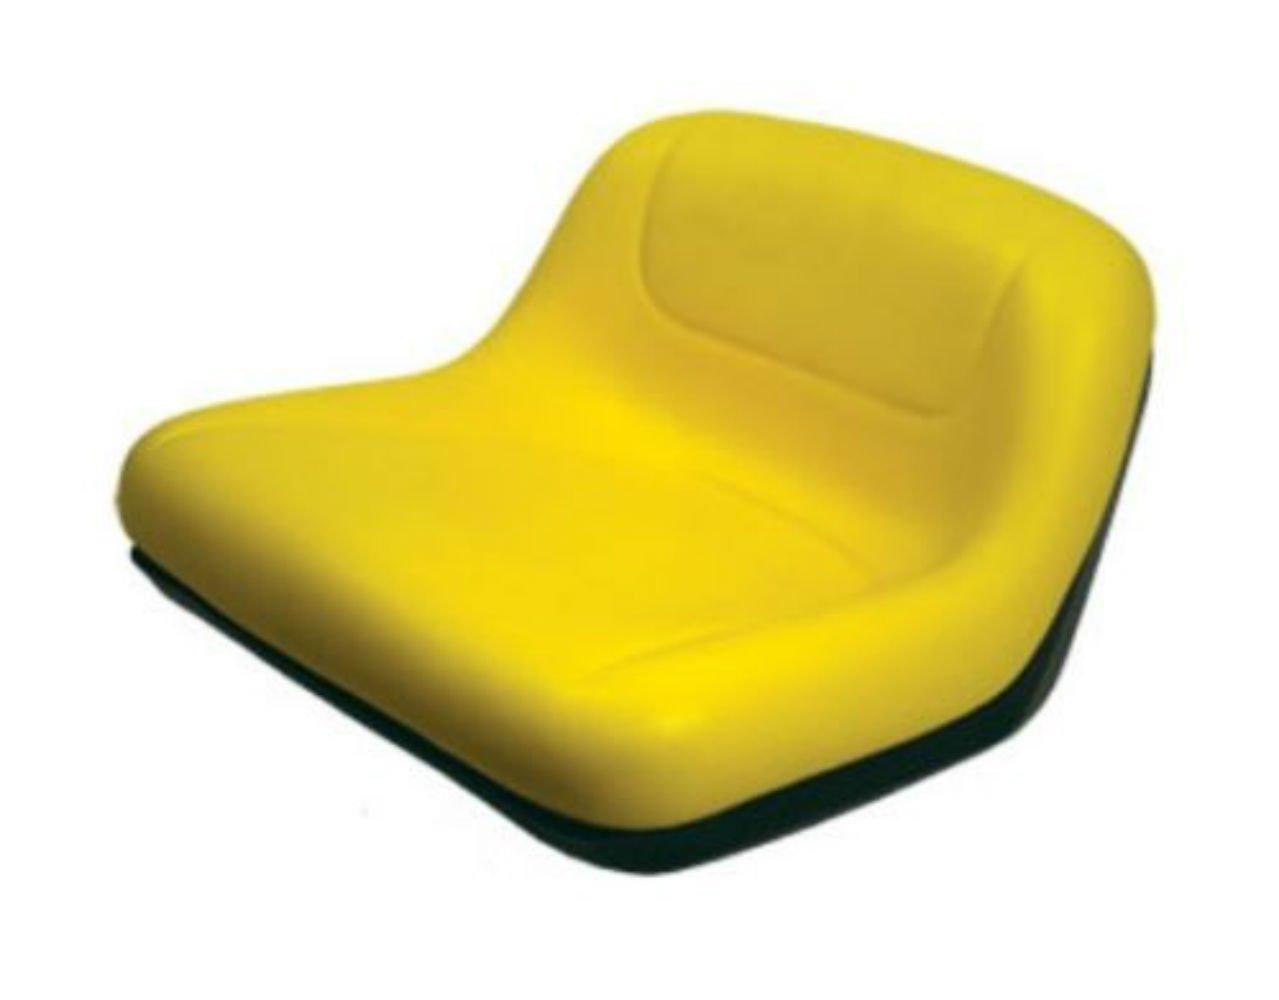 GY20495 New Seat For John Deere Lawn Tractor Mower L100 L105 L107 L110 L111 + na